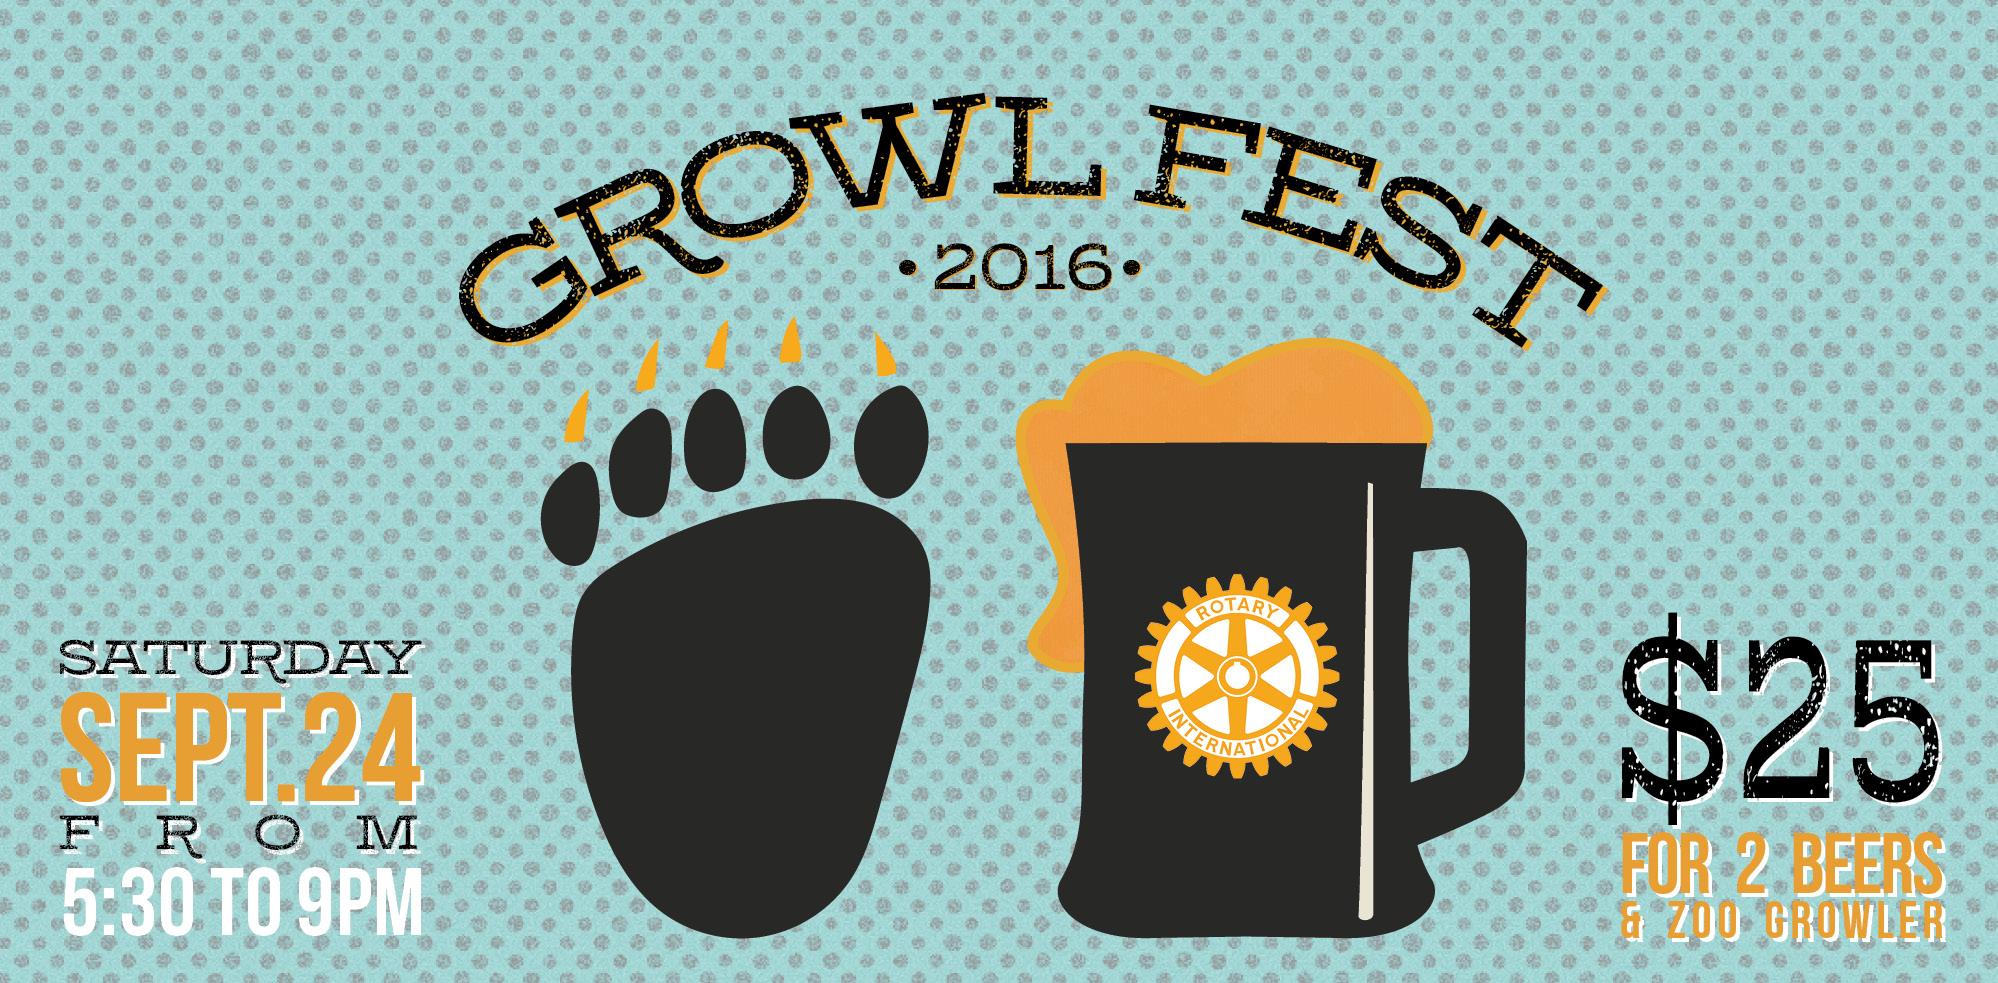 VAZOO_Growl Fest web banner